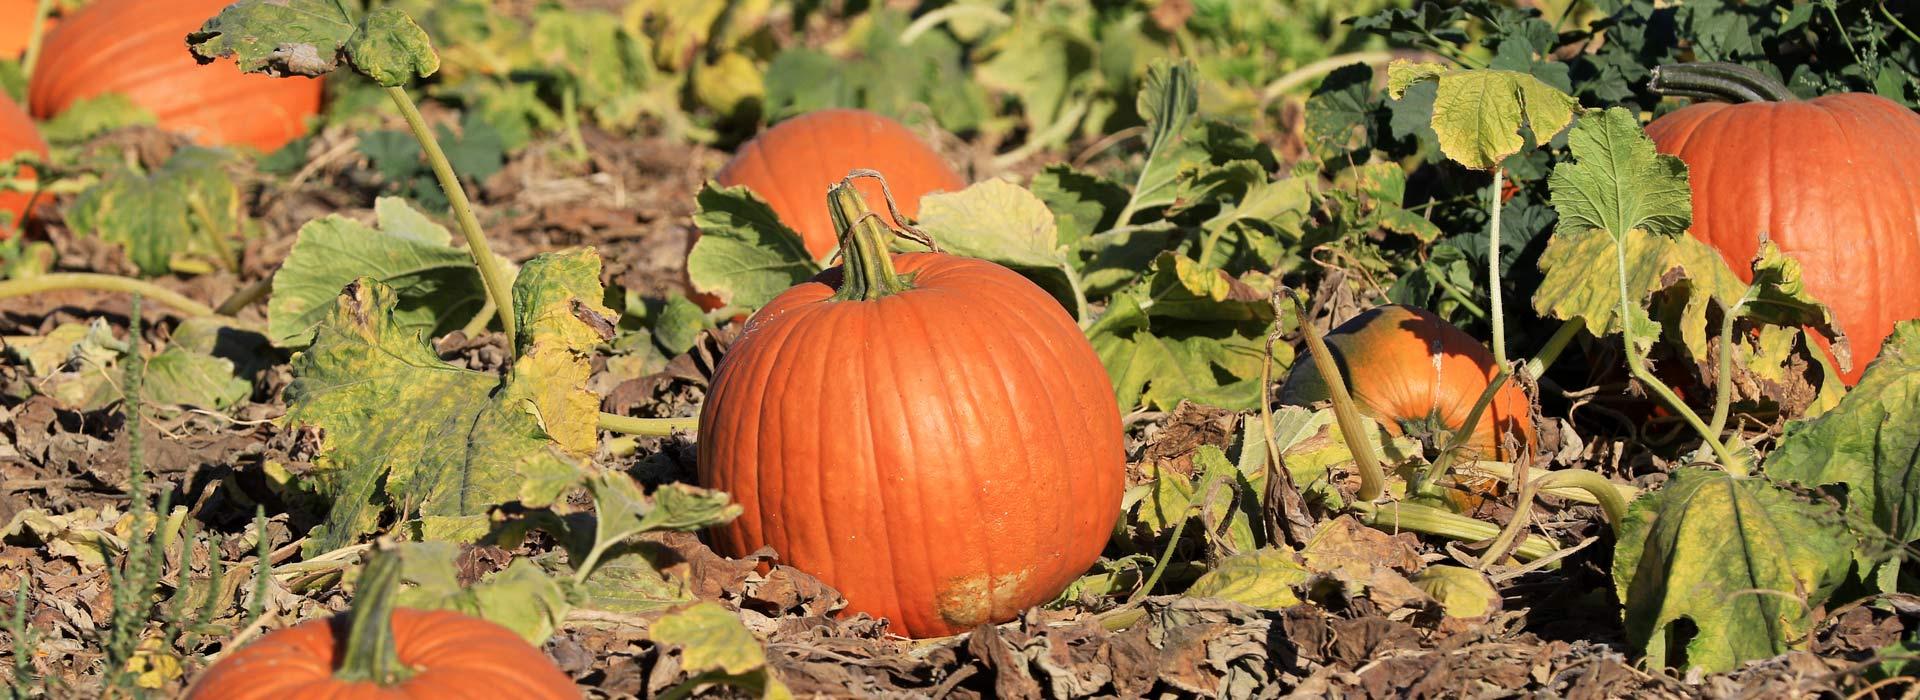 Pumpkin & Play